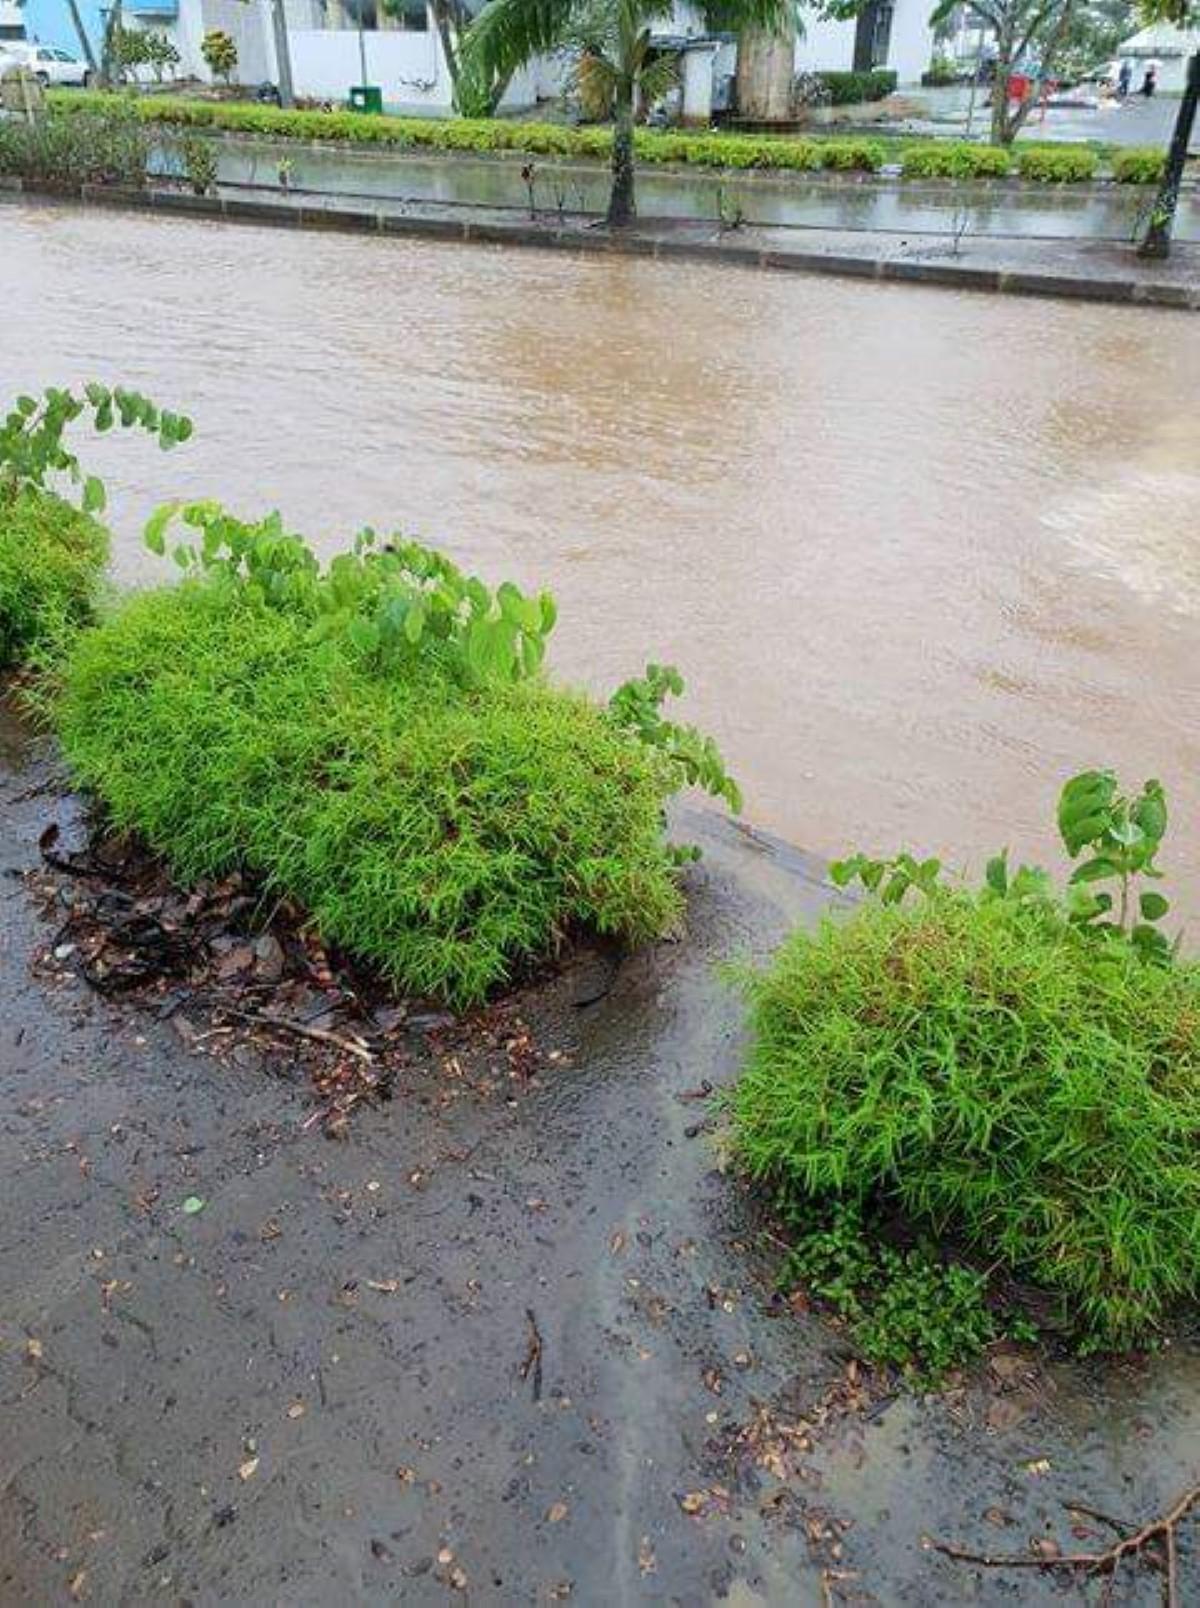 Avis de fortes pluies : Le point sur la situation météo